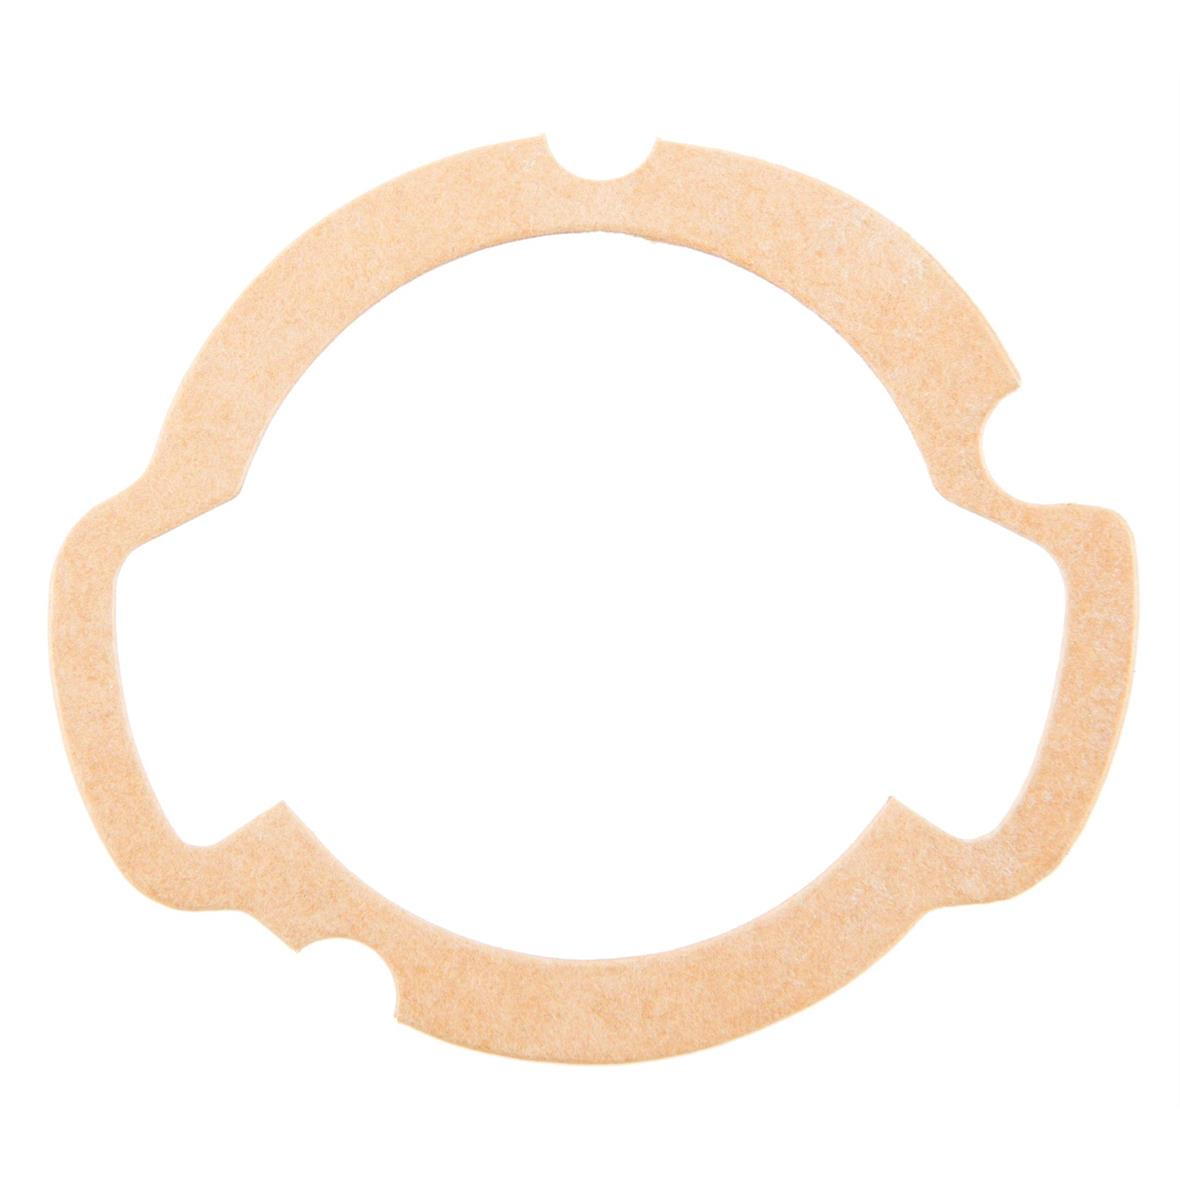 Zdjęcie produktu dla 'Uszczelka stopa cylindra D.R. dla cylindra sportowego D.R. 63 ccmTitle'